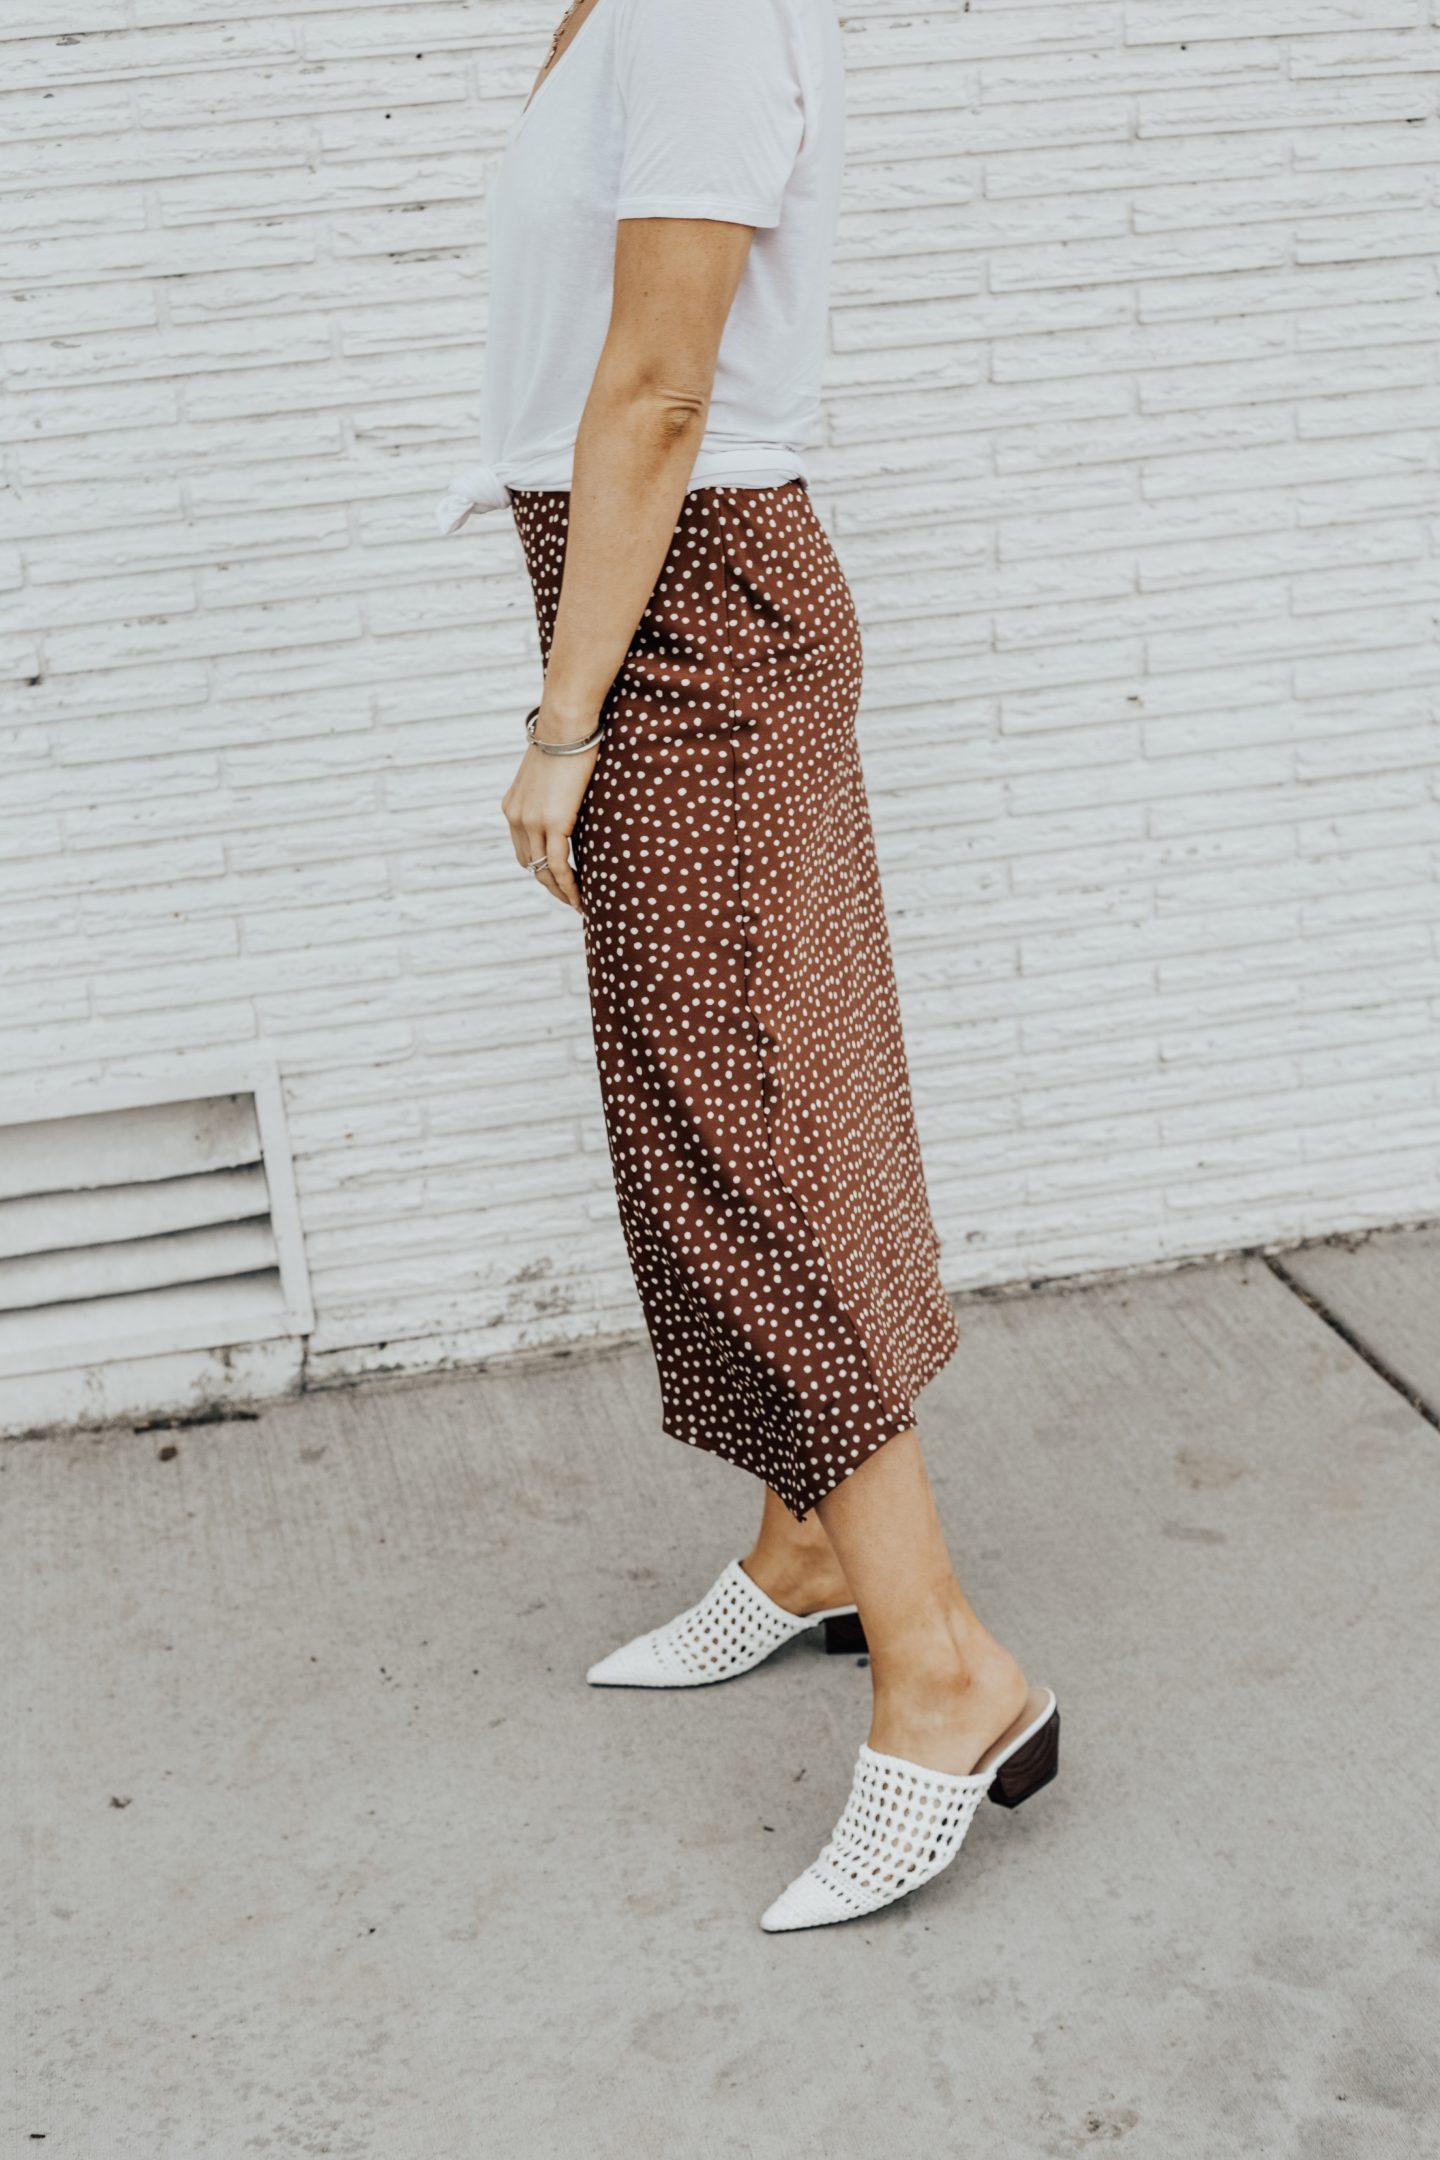 Giày mules trắng đan móc gót gỗ